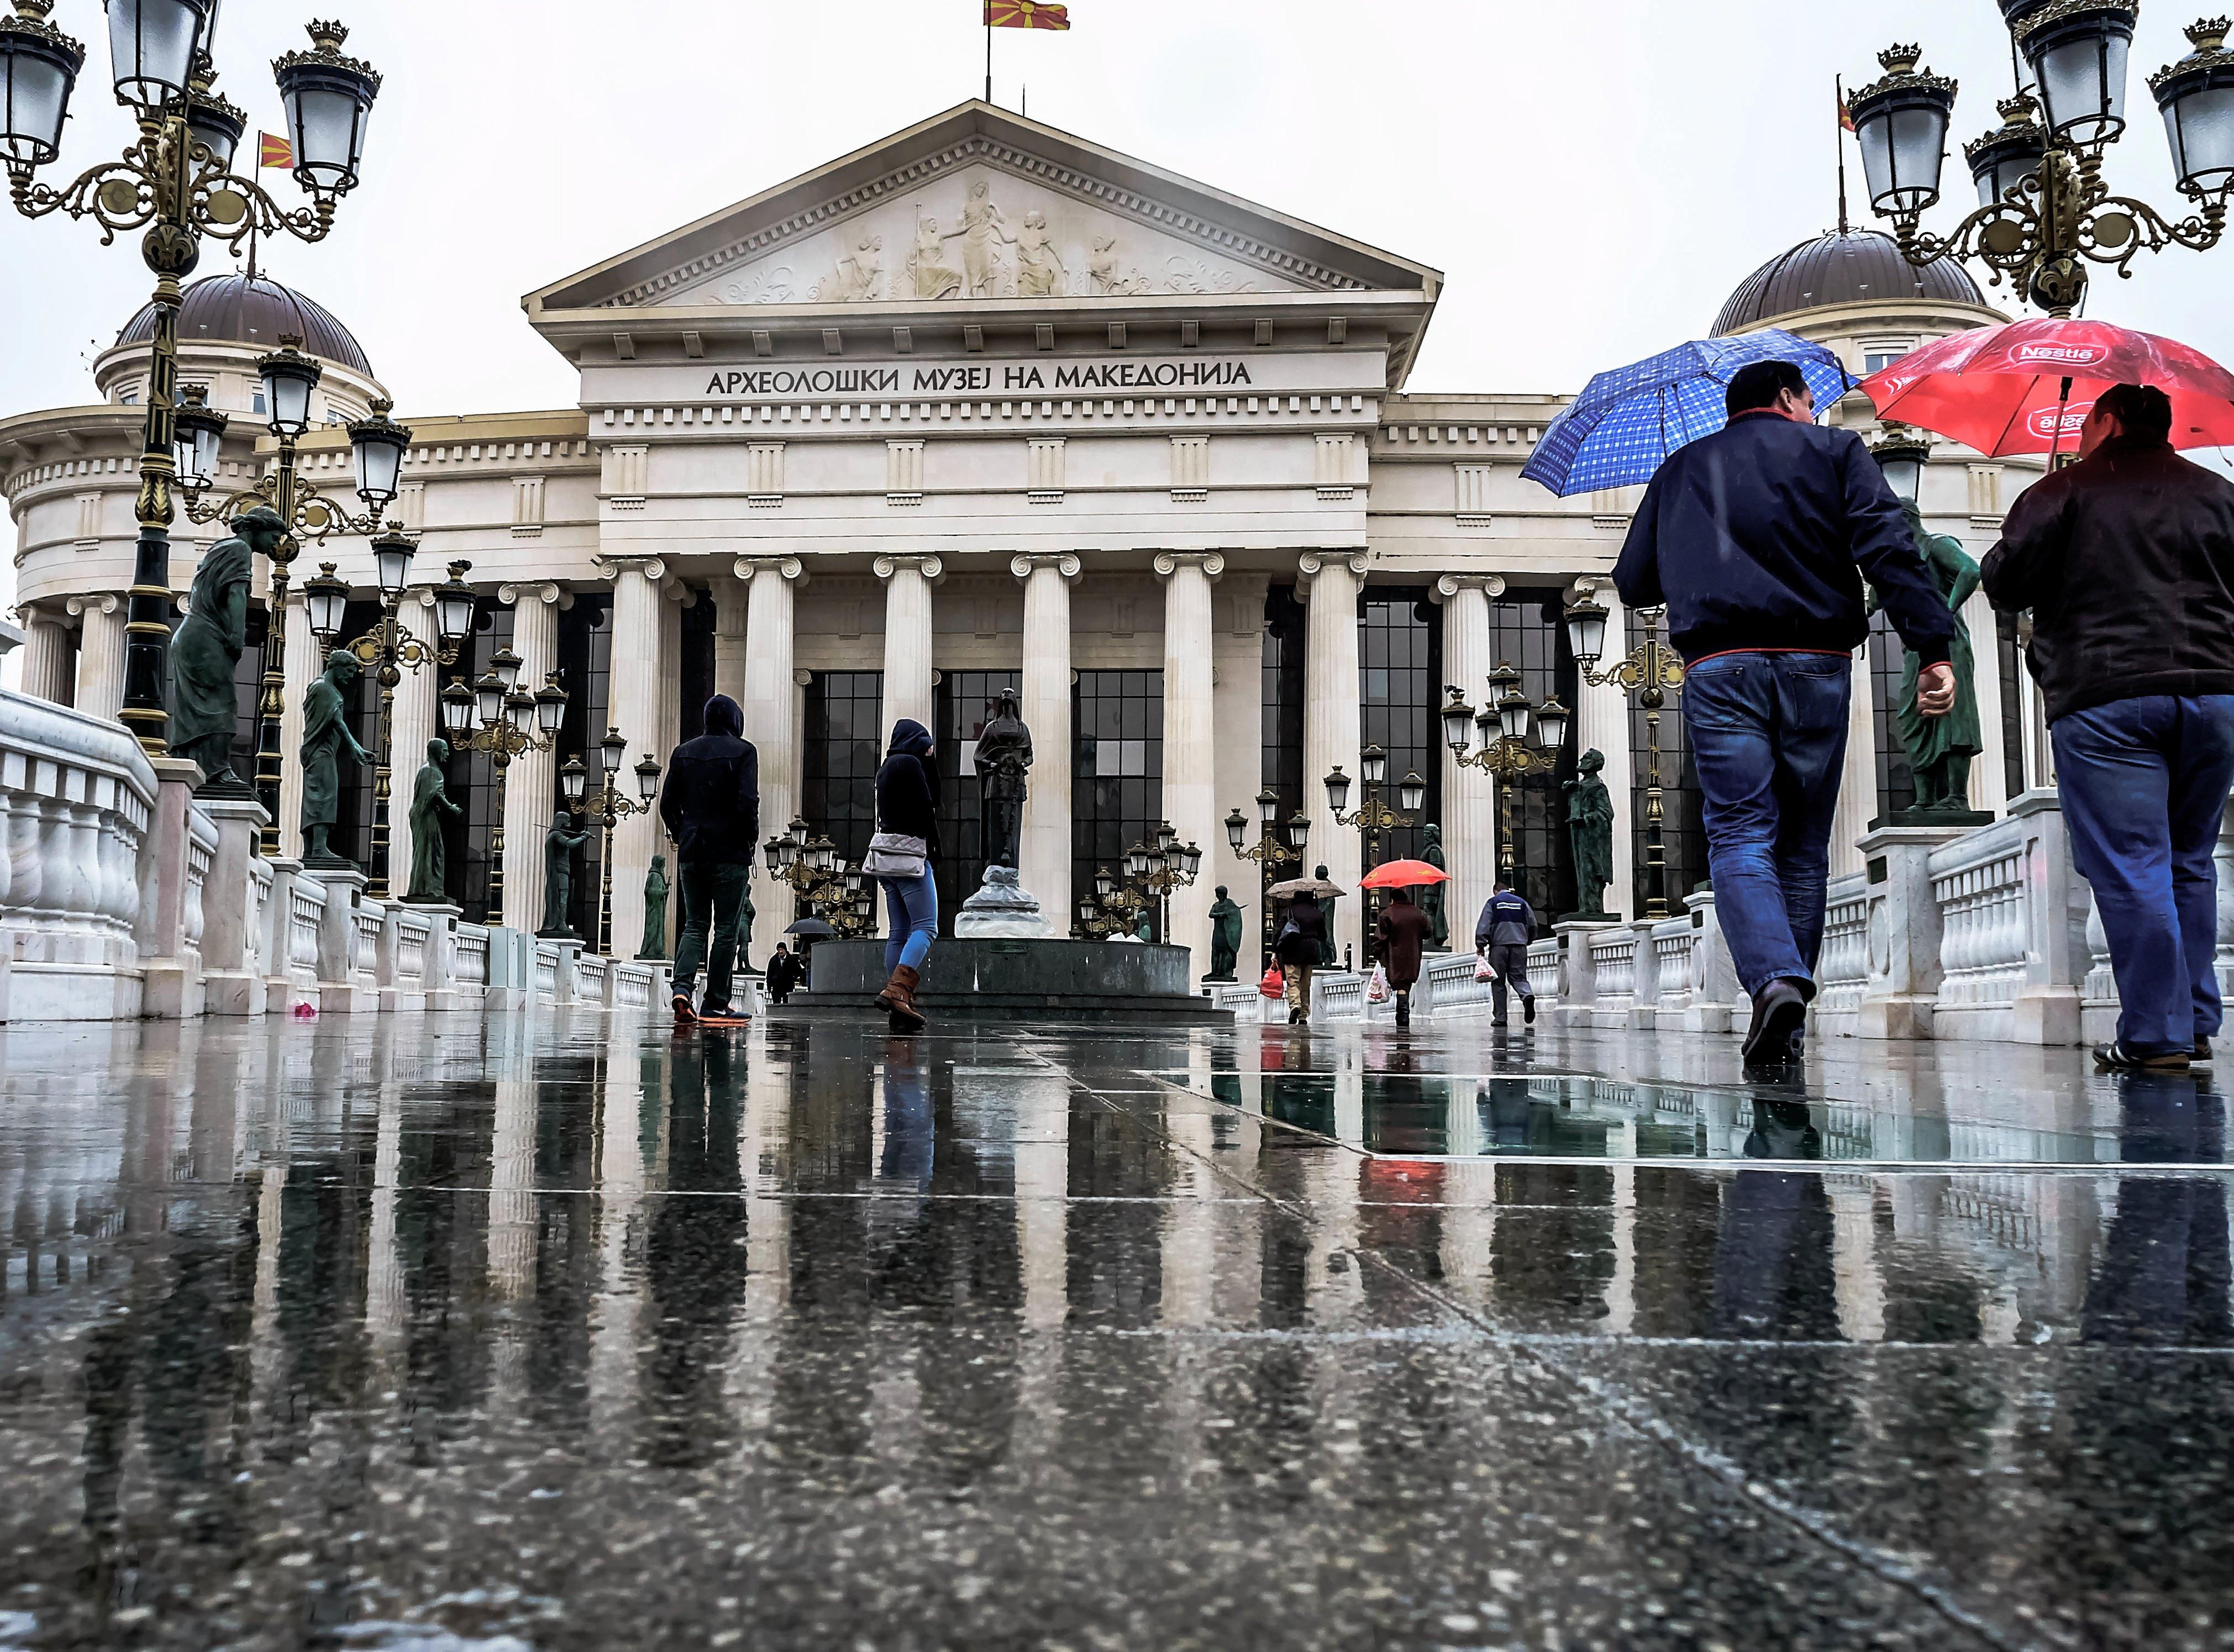 ВИКЕНД ПРОГНОЗА  Обилни врнежи од дожд   од понеделник заладување со снег